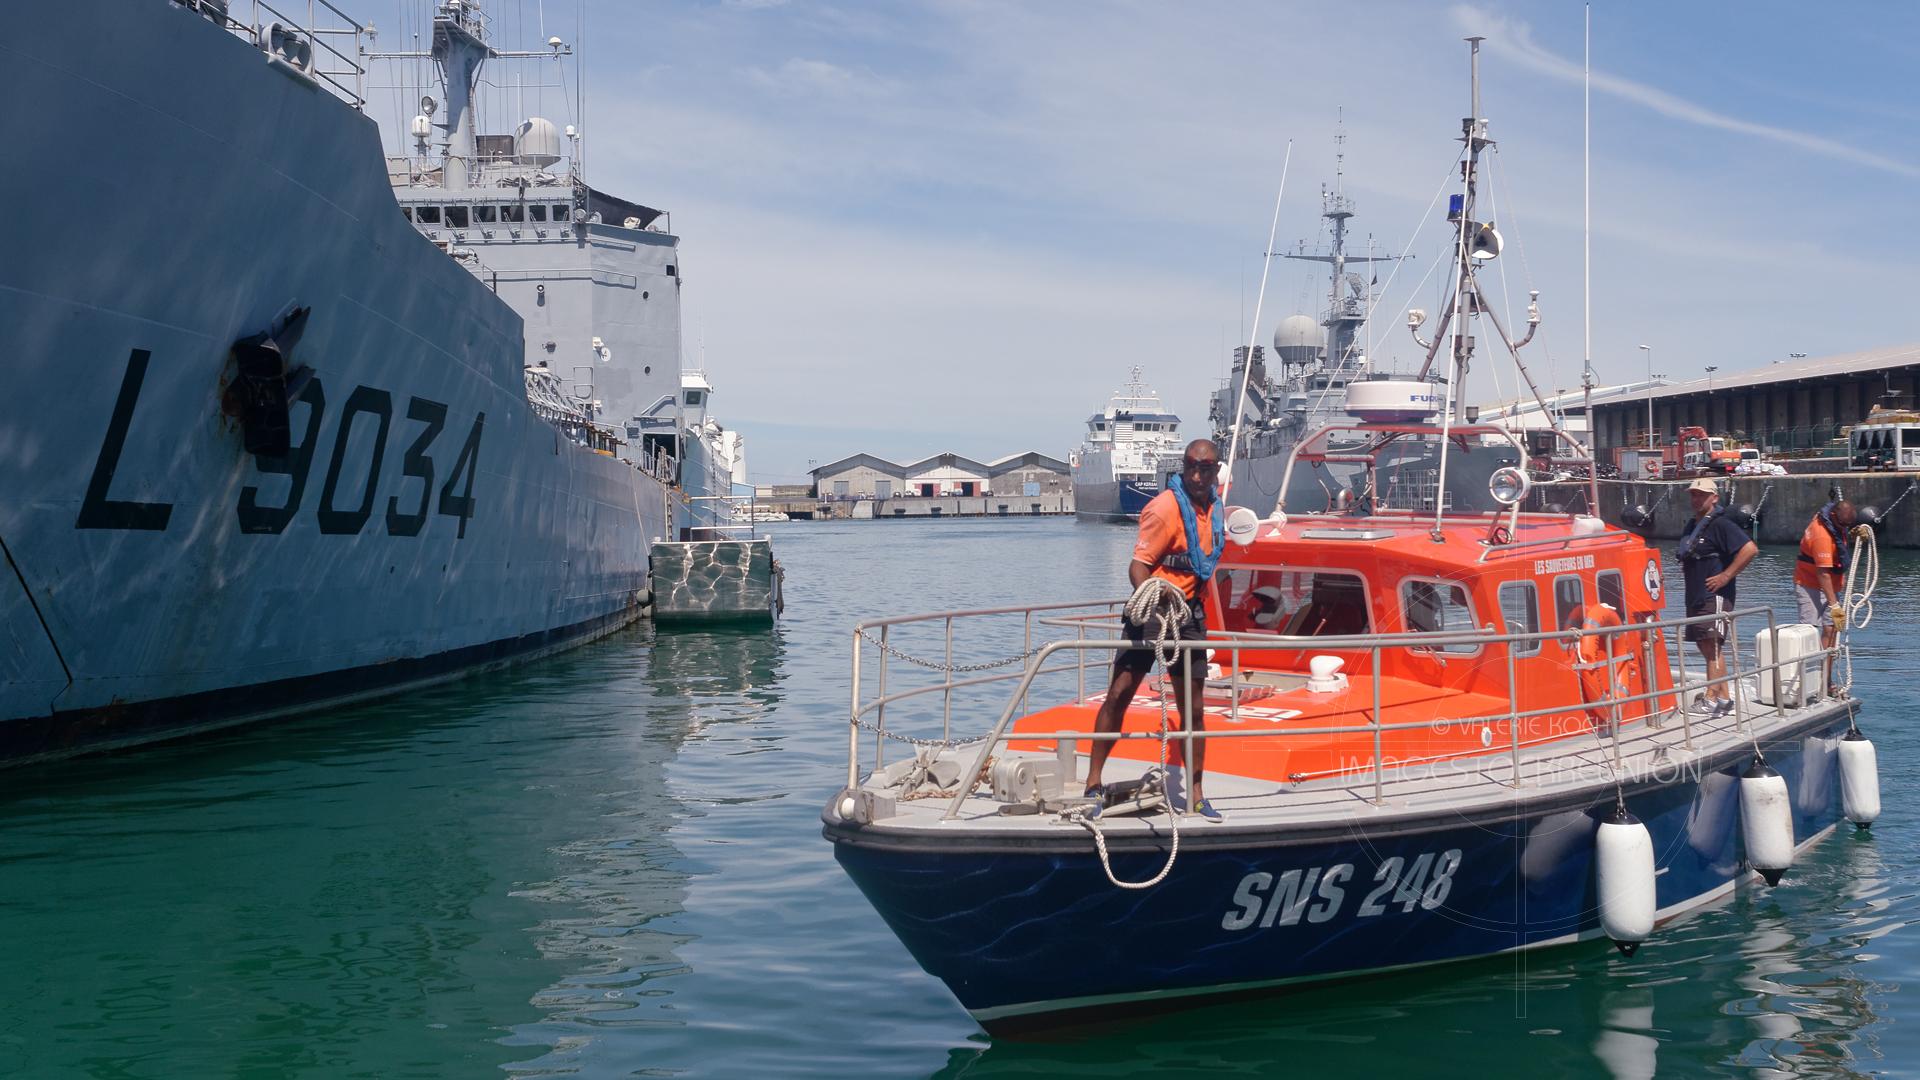 La Base Navale accueille la SNS 248 © Valérie Koch - Tous droits réservés